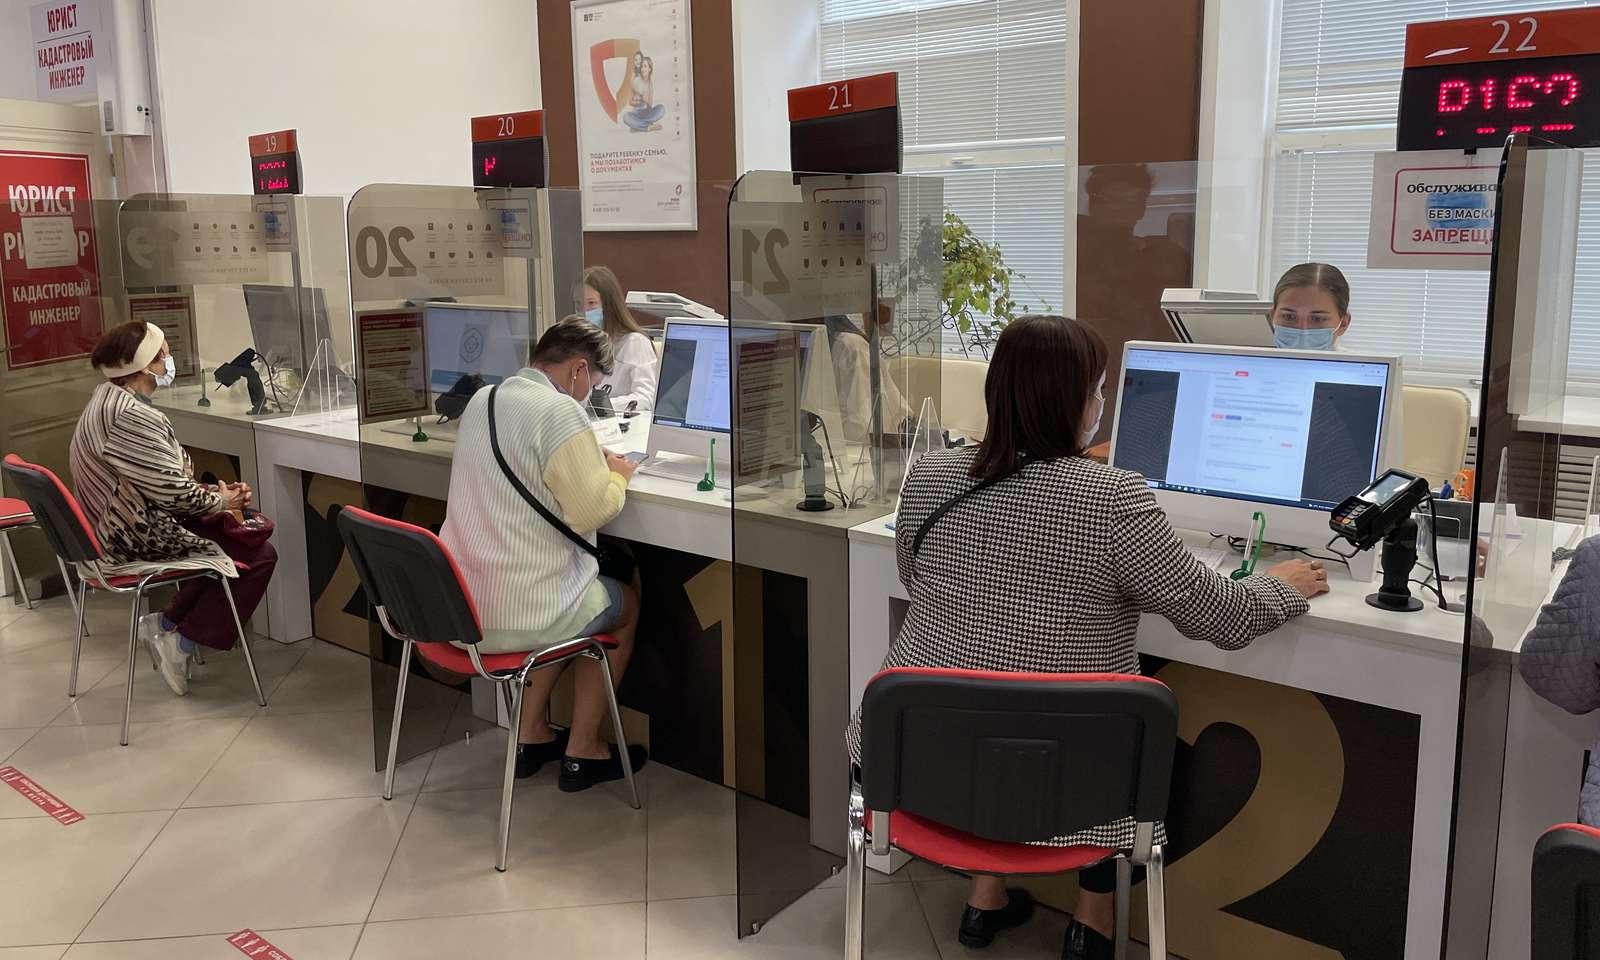 Уникальные мониторы для одновременной работы клиентов и сотрудников появились в МФЦ Сергиева Посада | Изображение 3